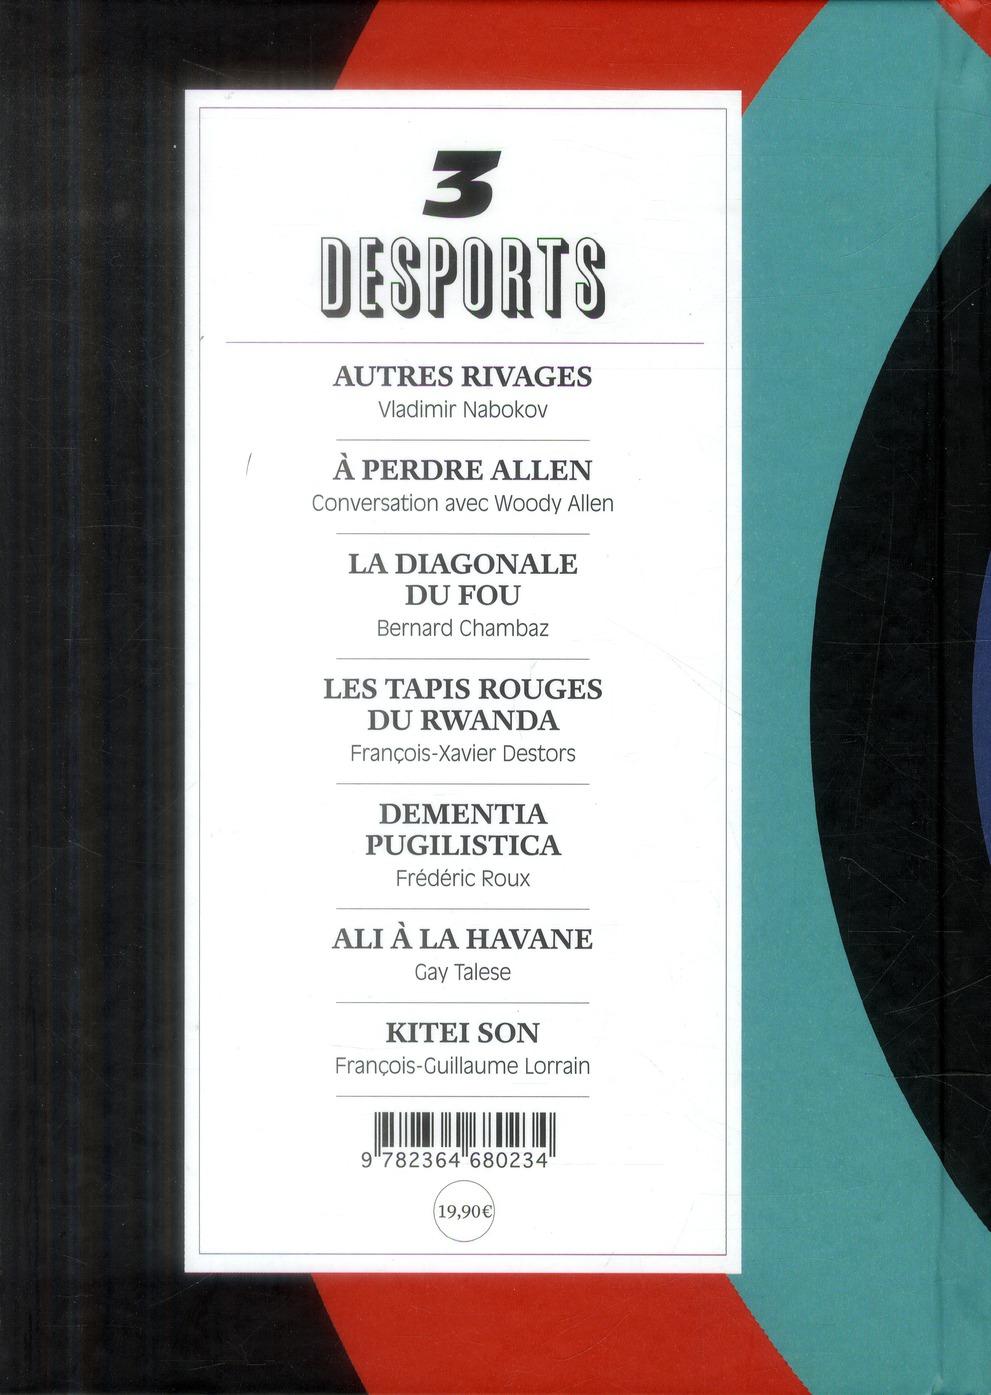 Desports n.3